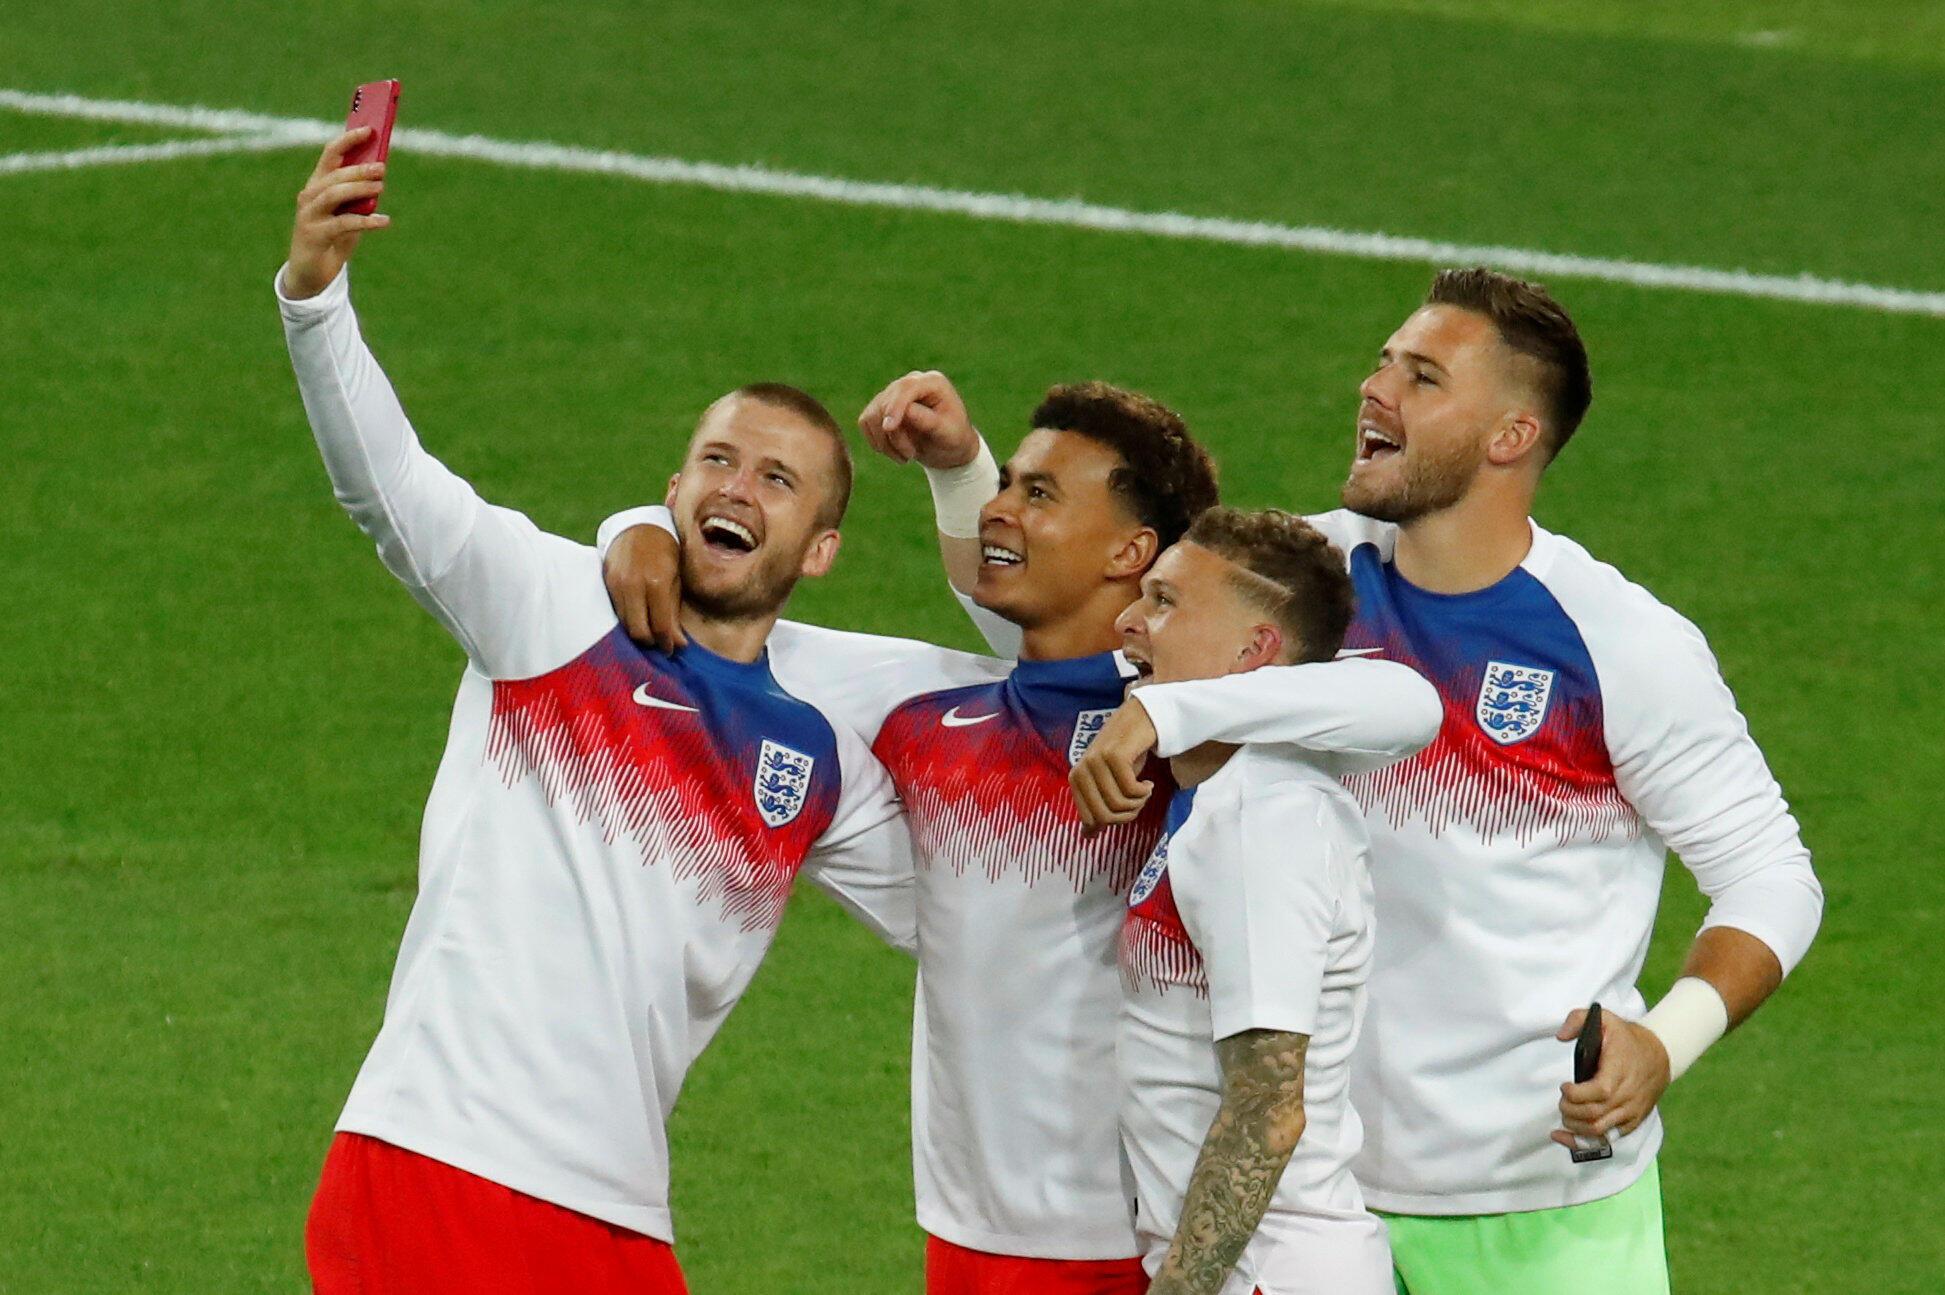 La joie des Anglais après la victoire face à la Colombie, le 3 juillet 2018.